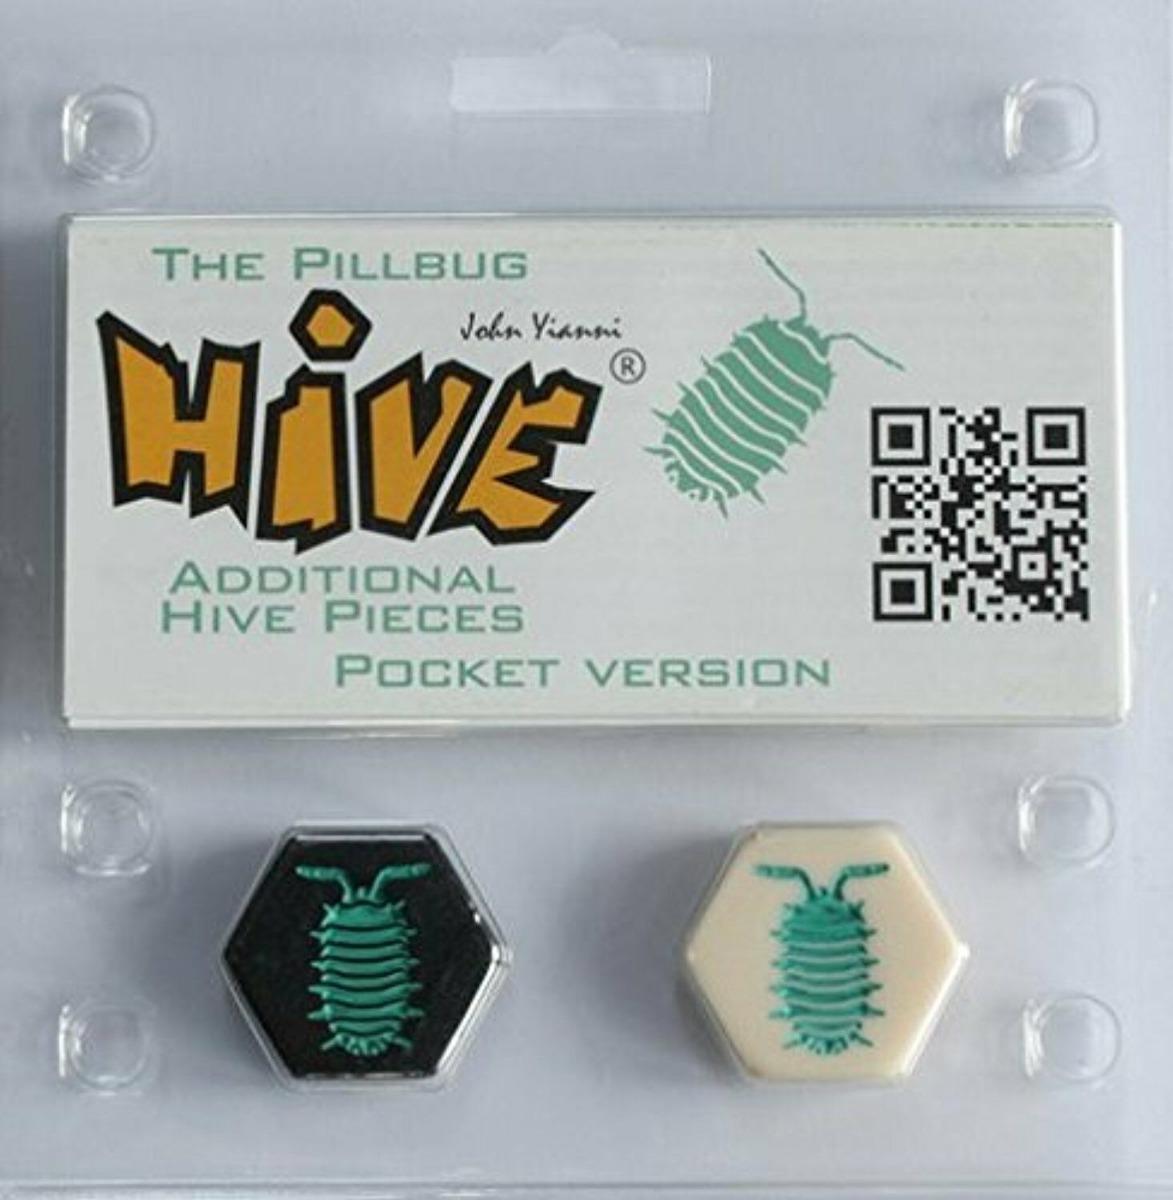 c14ebc60e Características. Marca Gen42 Games  Nome do jogo de tabuleiro Pillbug   Edição hive pocket ...